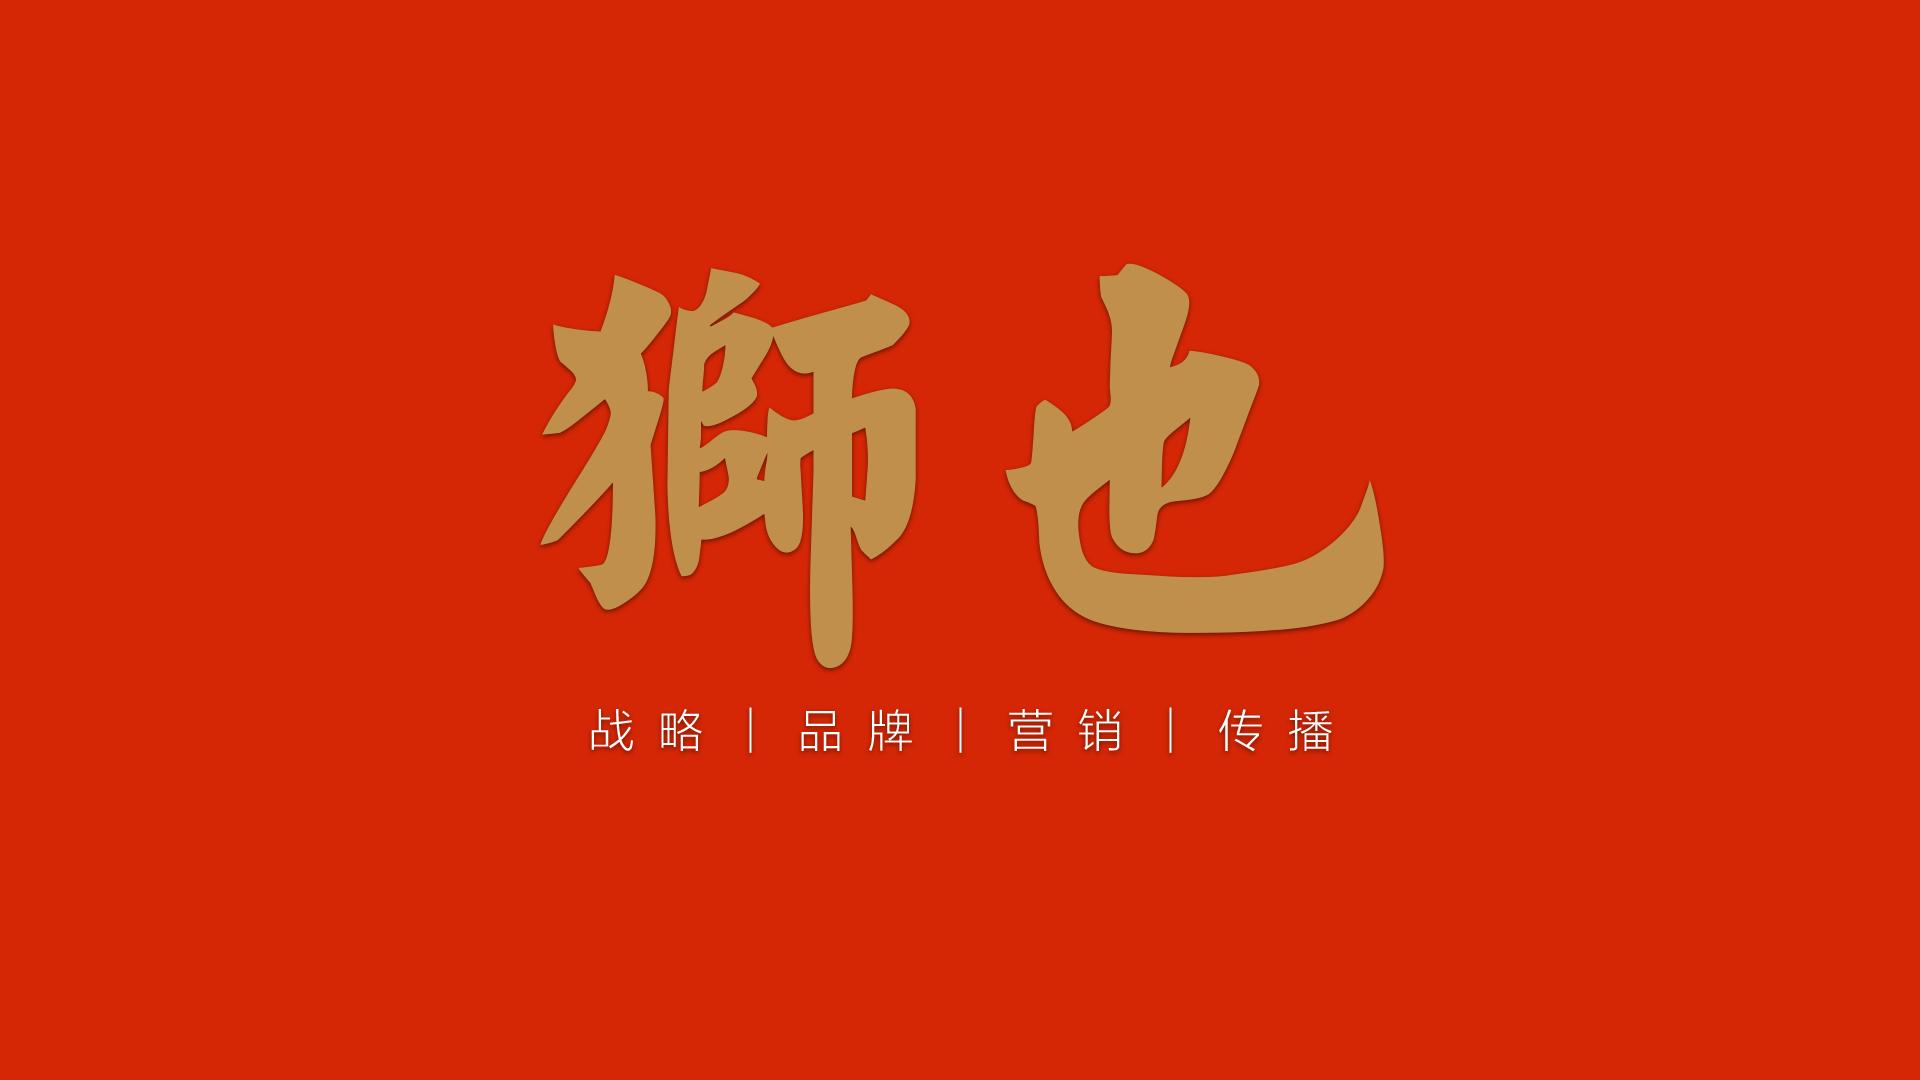 营销的3P去哪里了?—山东济南狮也战略品牌营销策划咨询顾问公司